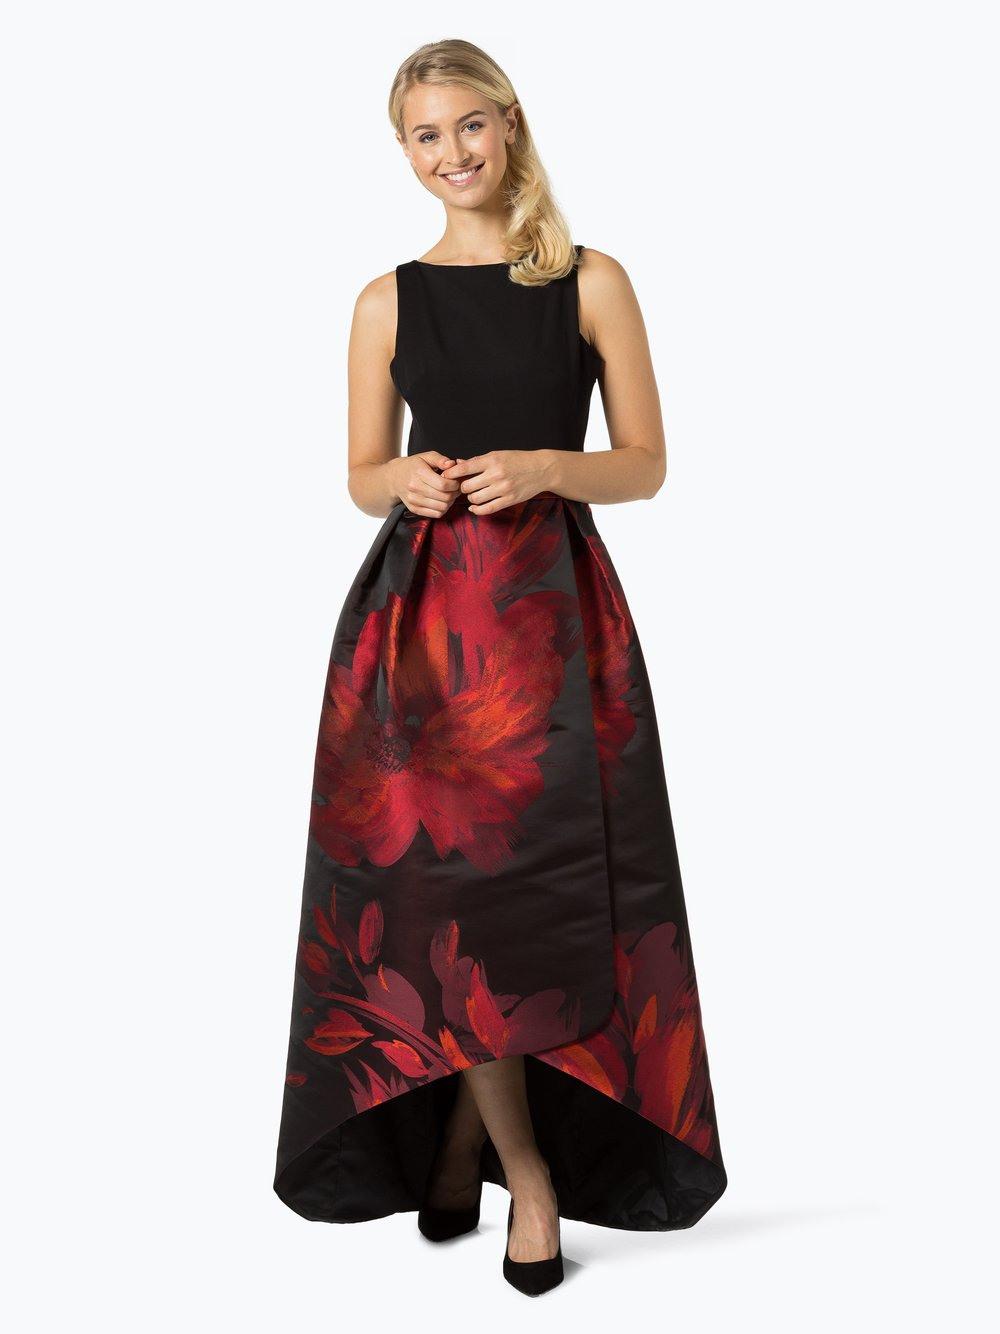 20 Genial Damen Abend Kleid BoutiqueDesigner Top Damen Abend Kleid Design